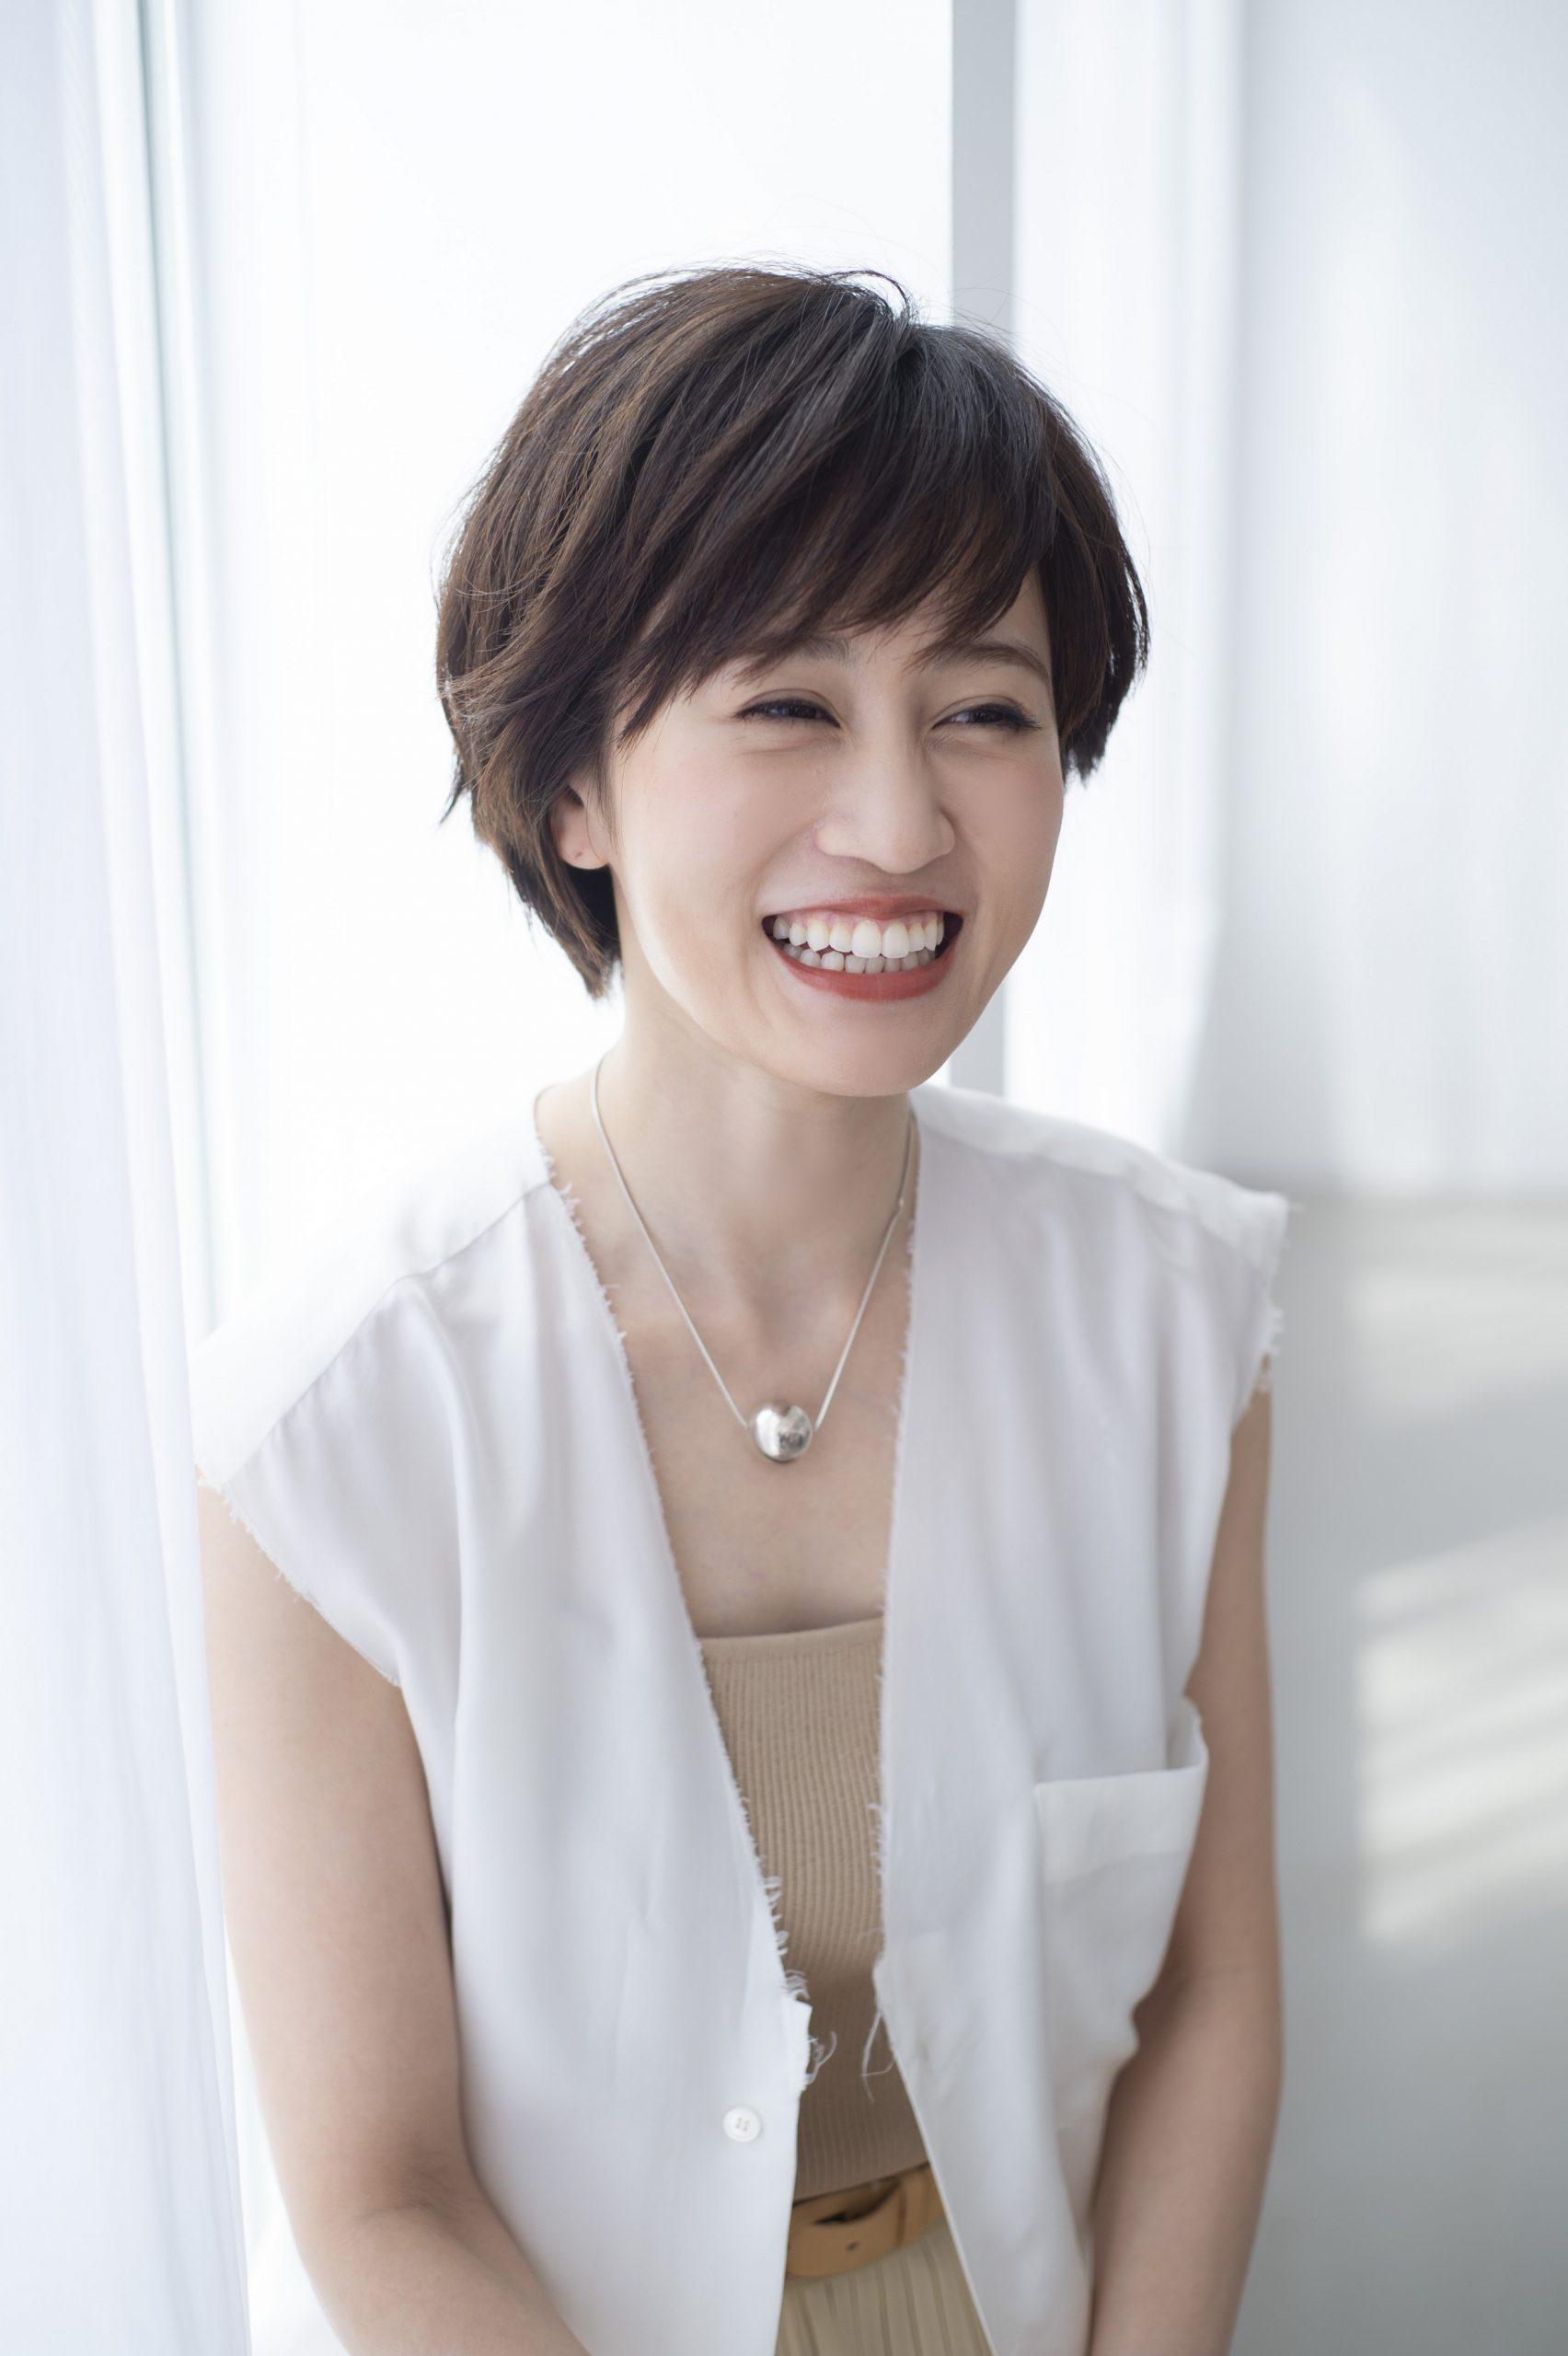 勝地涼さんとの離婚を発表した前田敦子さん4